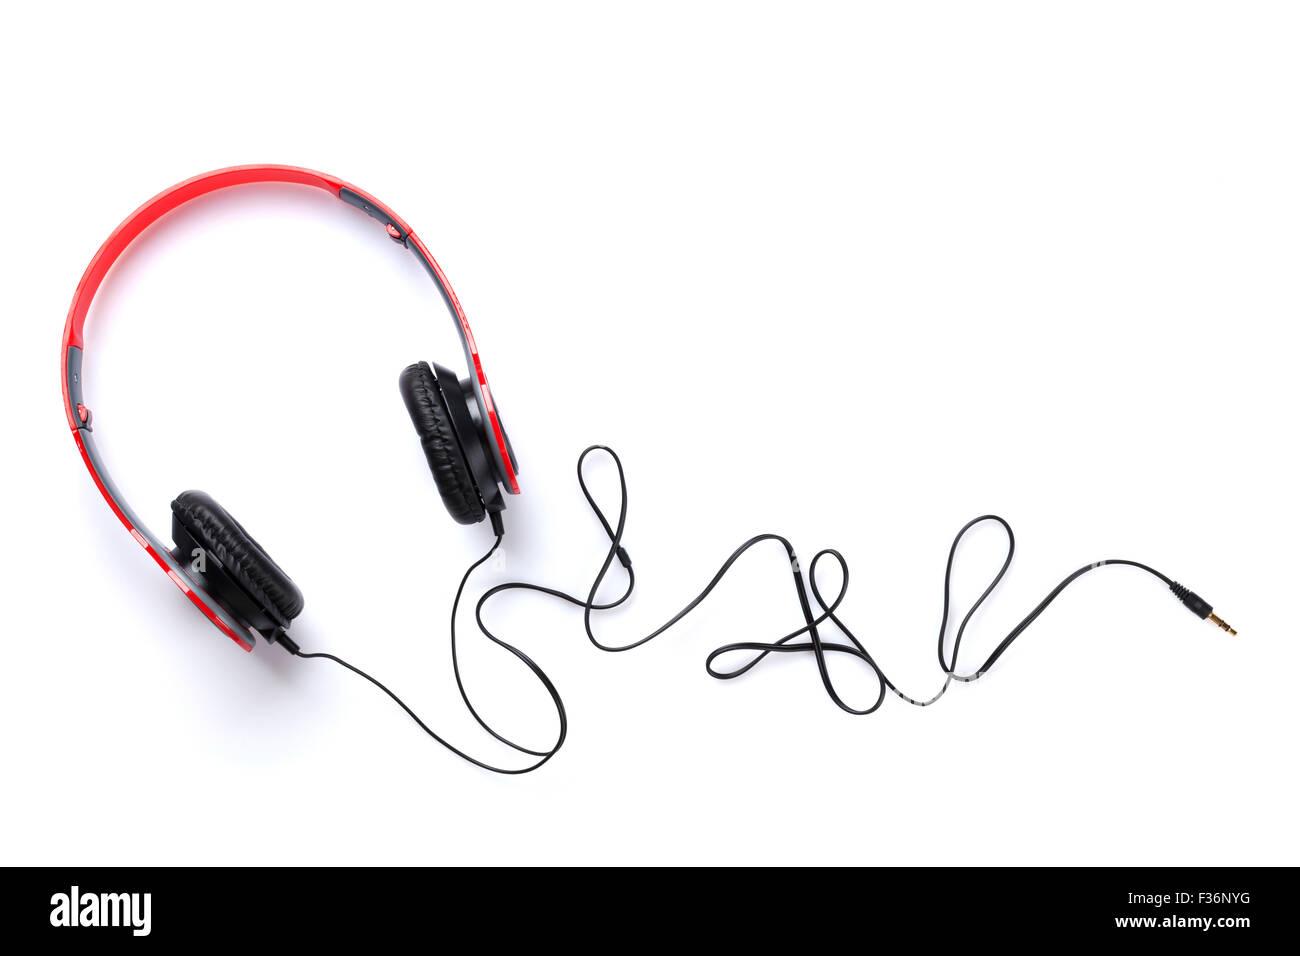 Des écouteurs. Isolé sur fond blanc Photo Stock